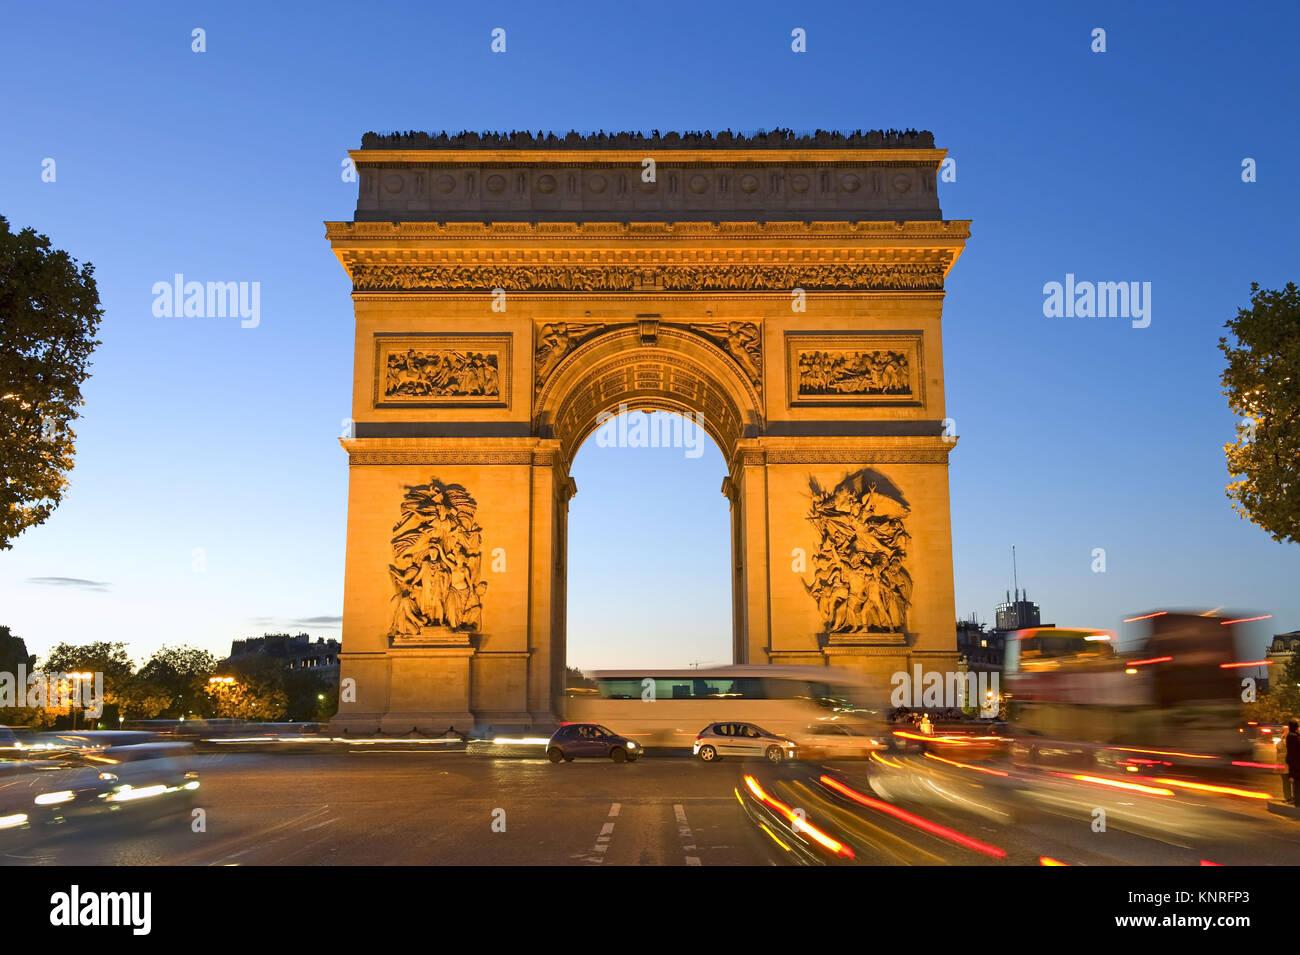 Beleuchteter Arc de Triomphe, Paris, Frankreich - Stock Image